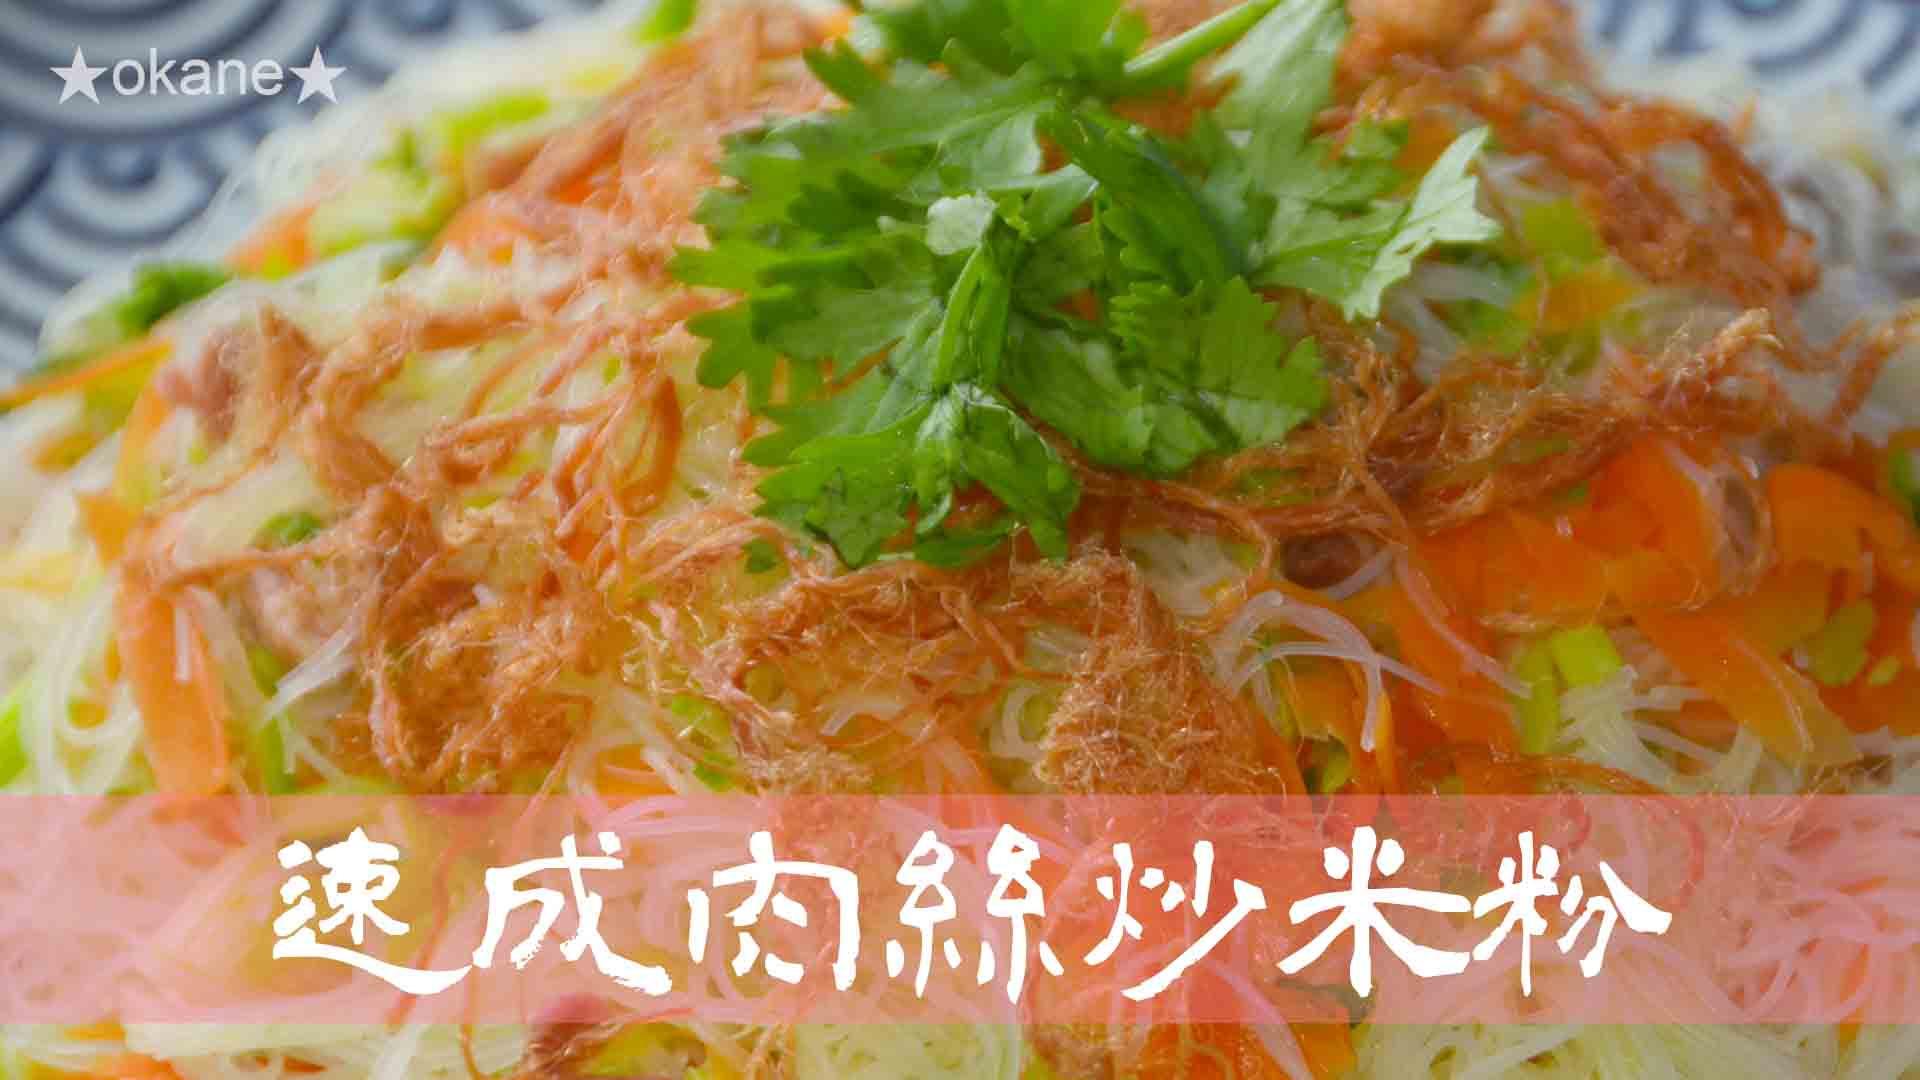 傳統零食新吃法~肉絲炒米粉★okane